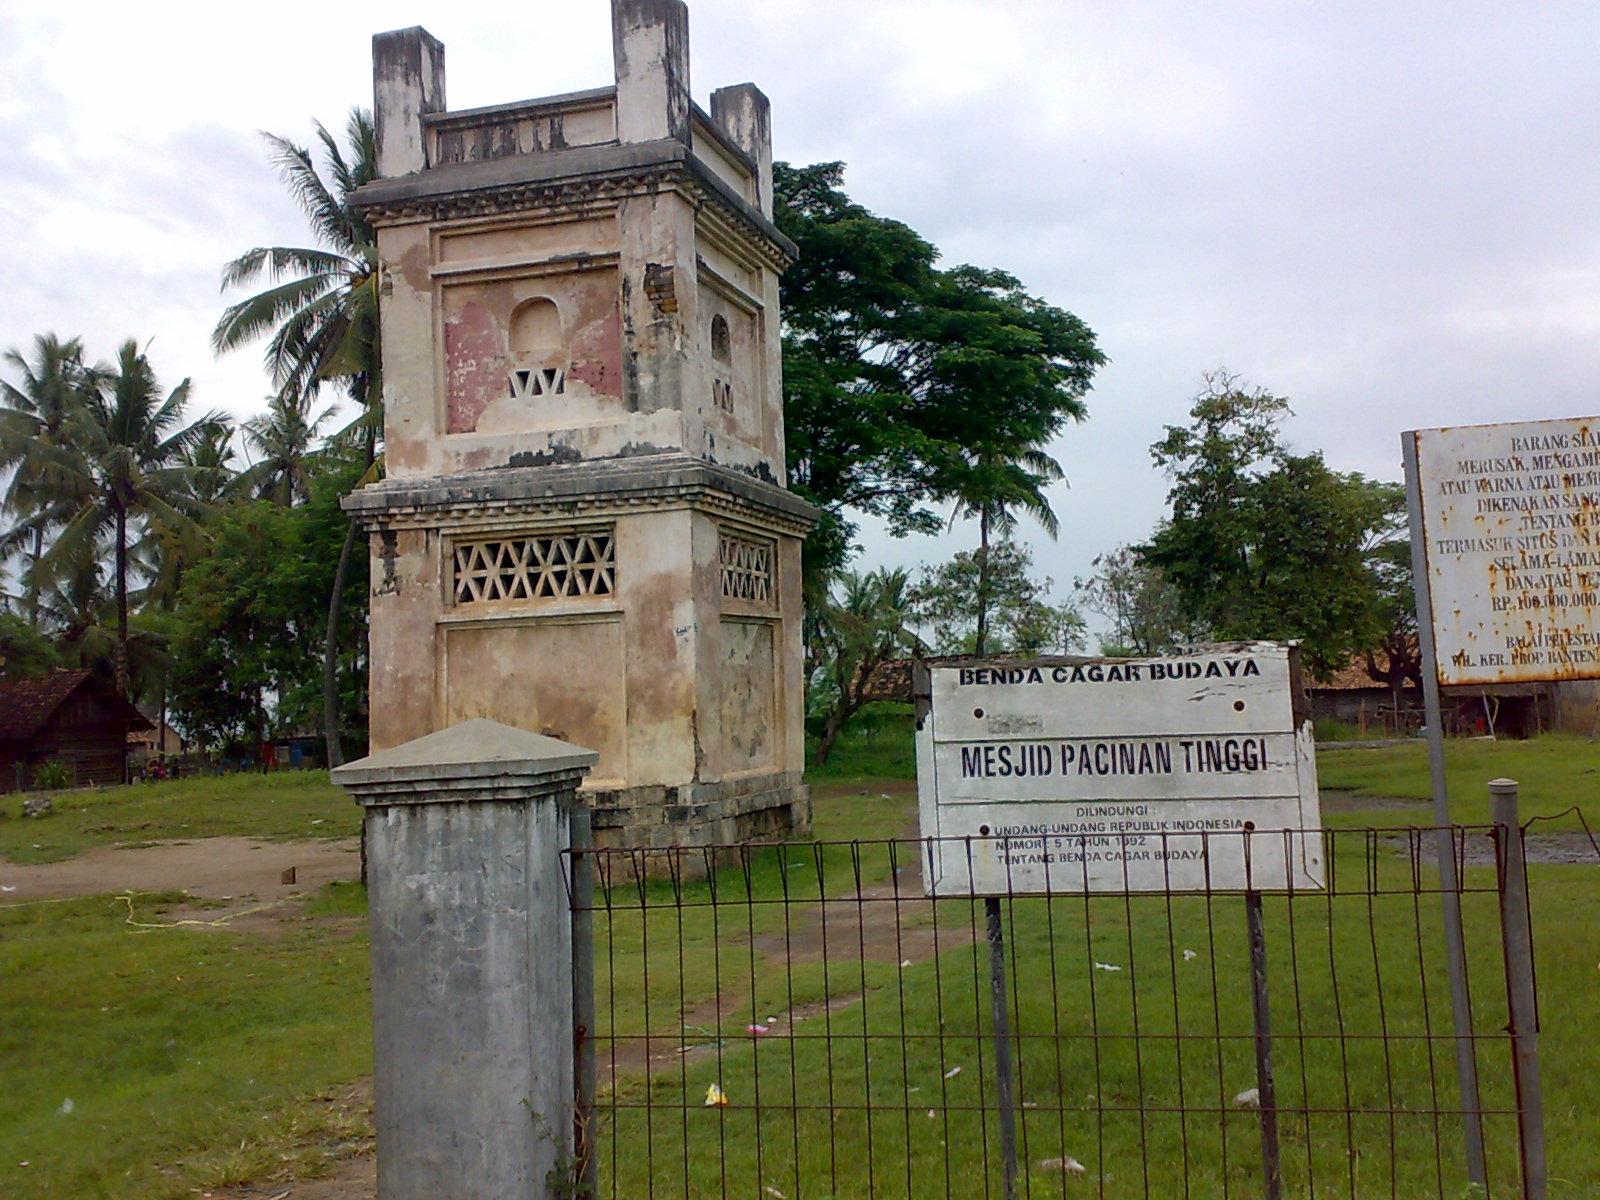 Situs Sejarah Banten Backpacker Koprol Pecinan Tinggi Dibangun Sebuah Pemukiman